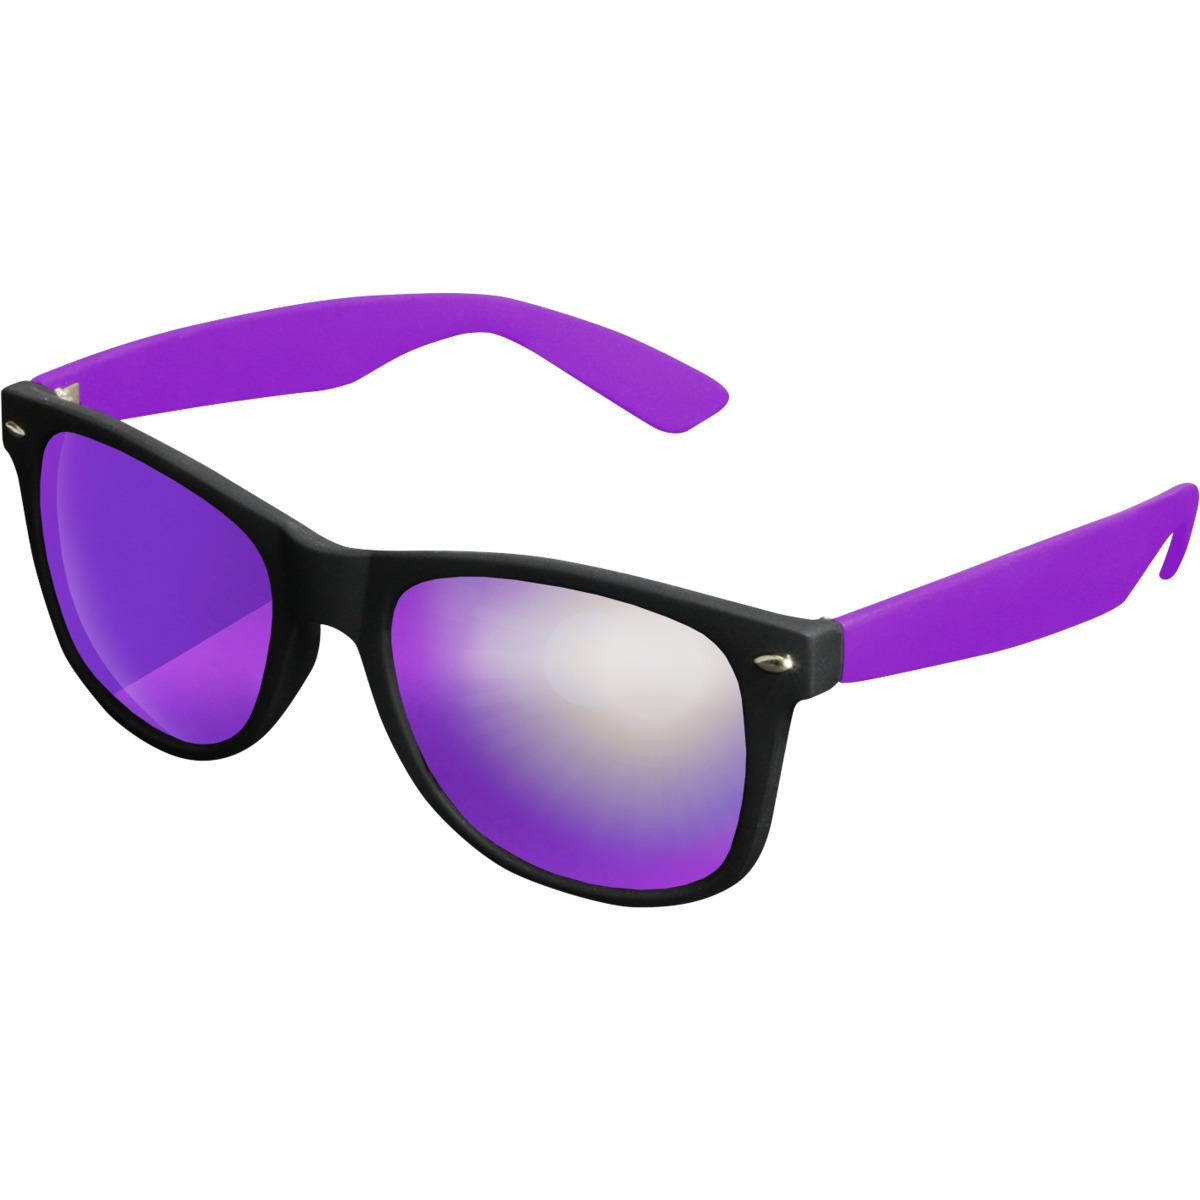 MasterDis Likoma Mirror Sonnenbrillen Sonnenbrille schwarz blau VrD77MEI